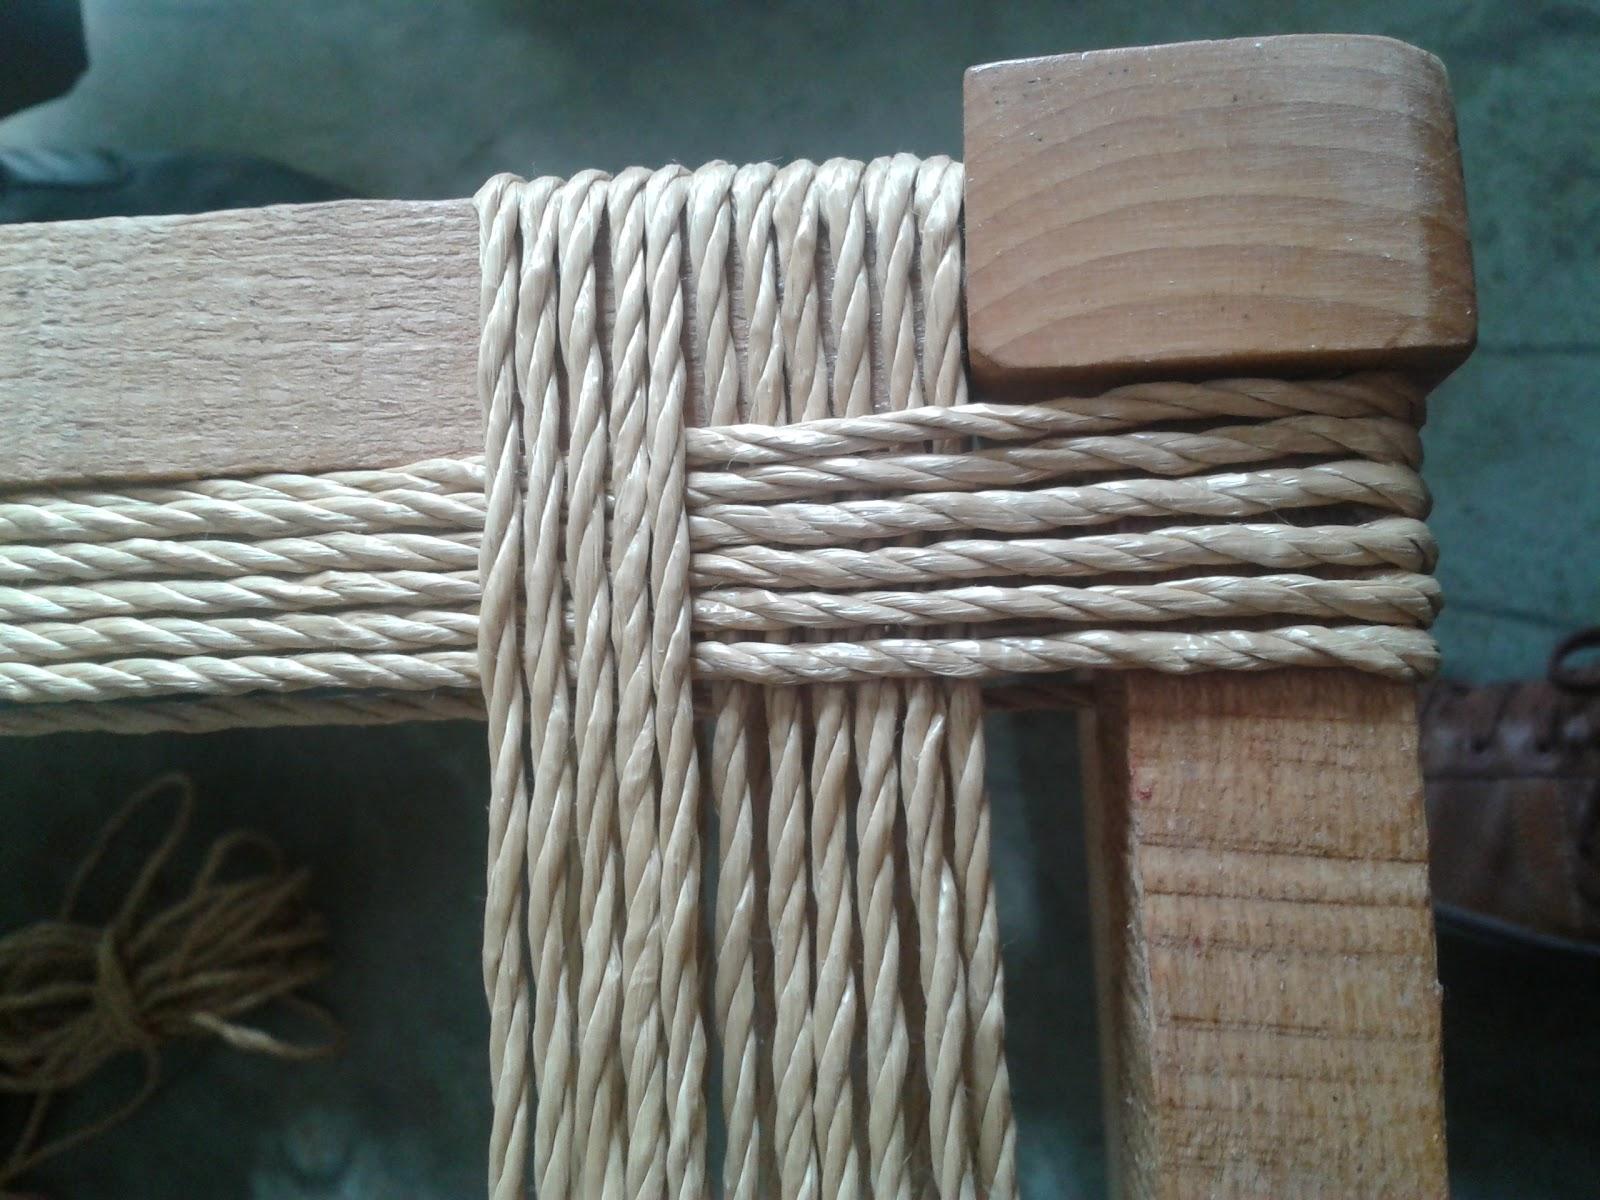 Restaurando con silvia taburetes con asiento de cuerda for Cuerda de pita